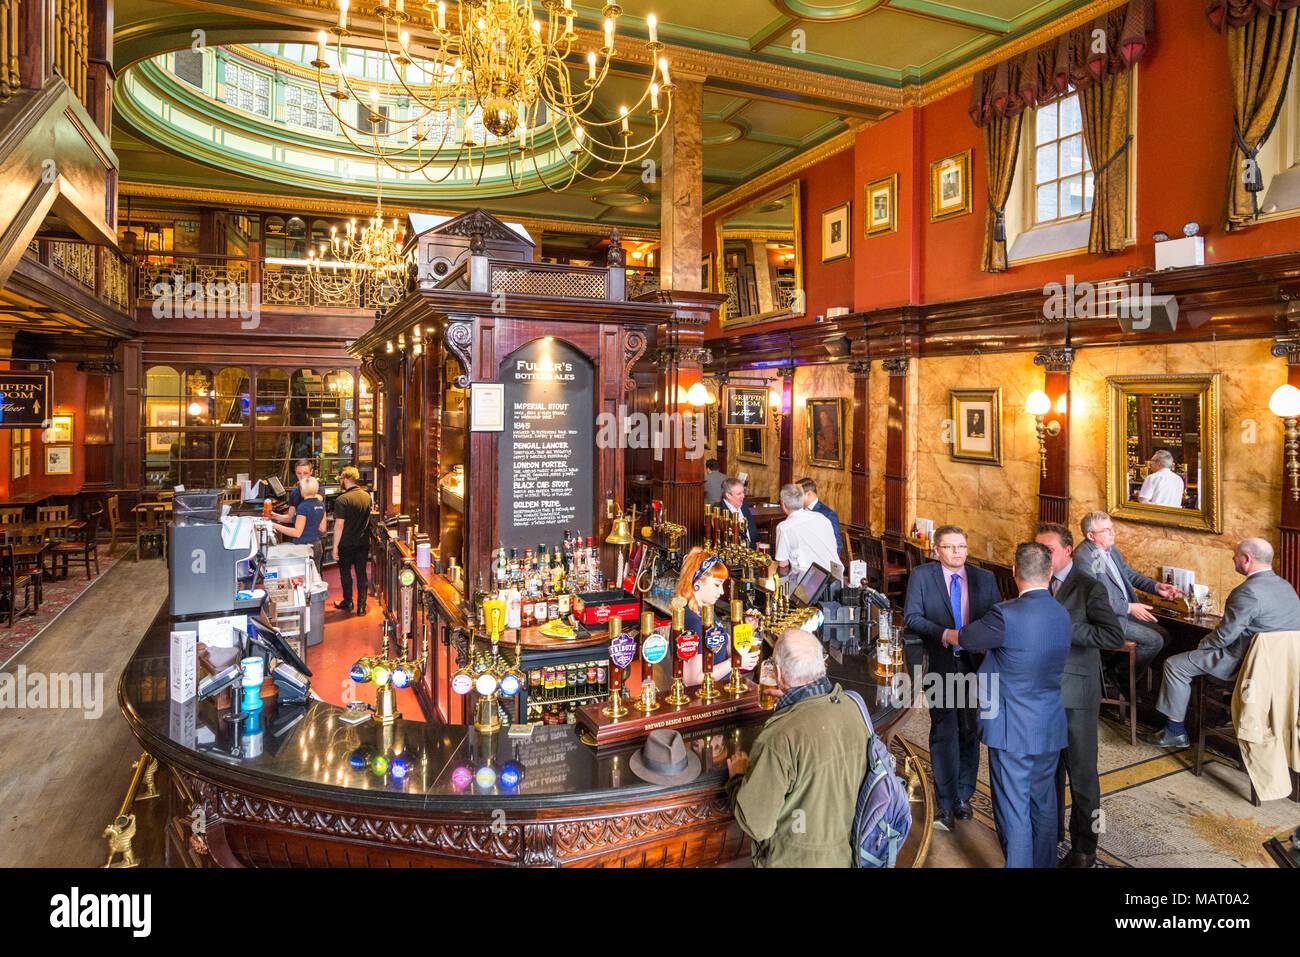 Le dépouillement House pub dans la ville de London, UK Photo Stock